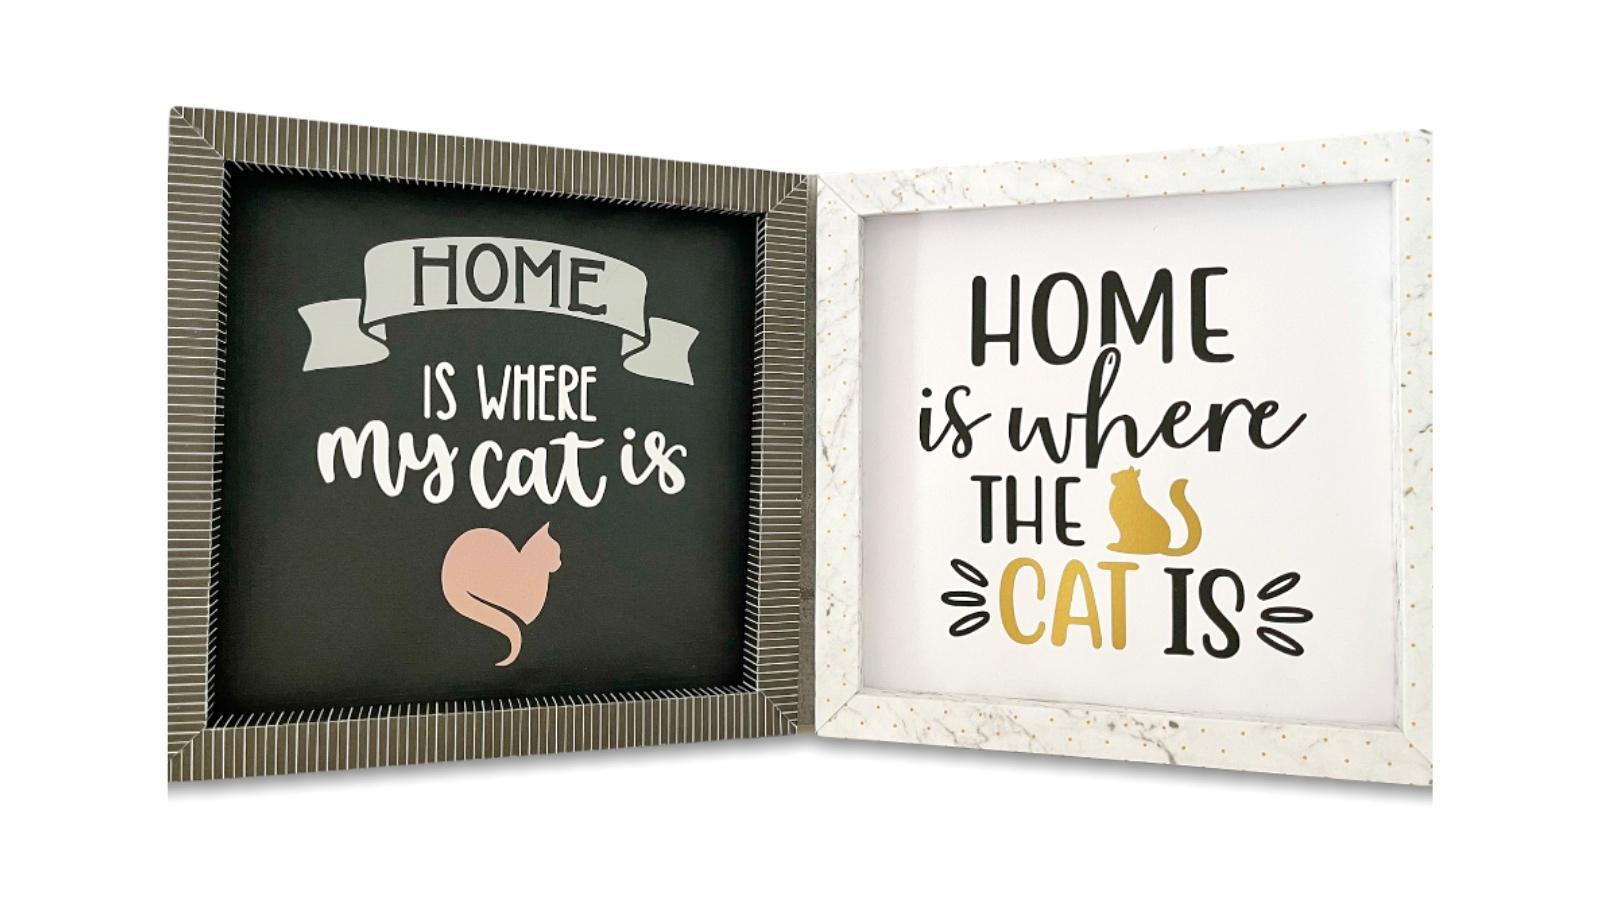 Stilvolle Wanddekoration für Katzenfreunde